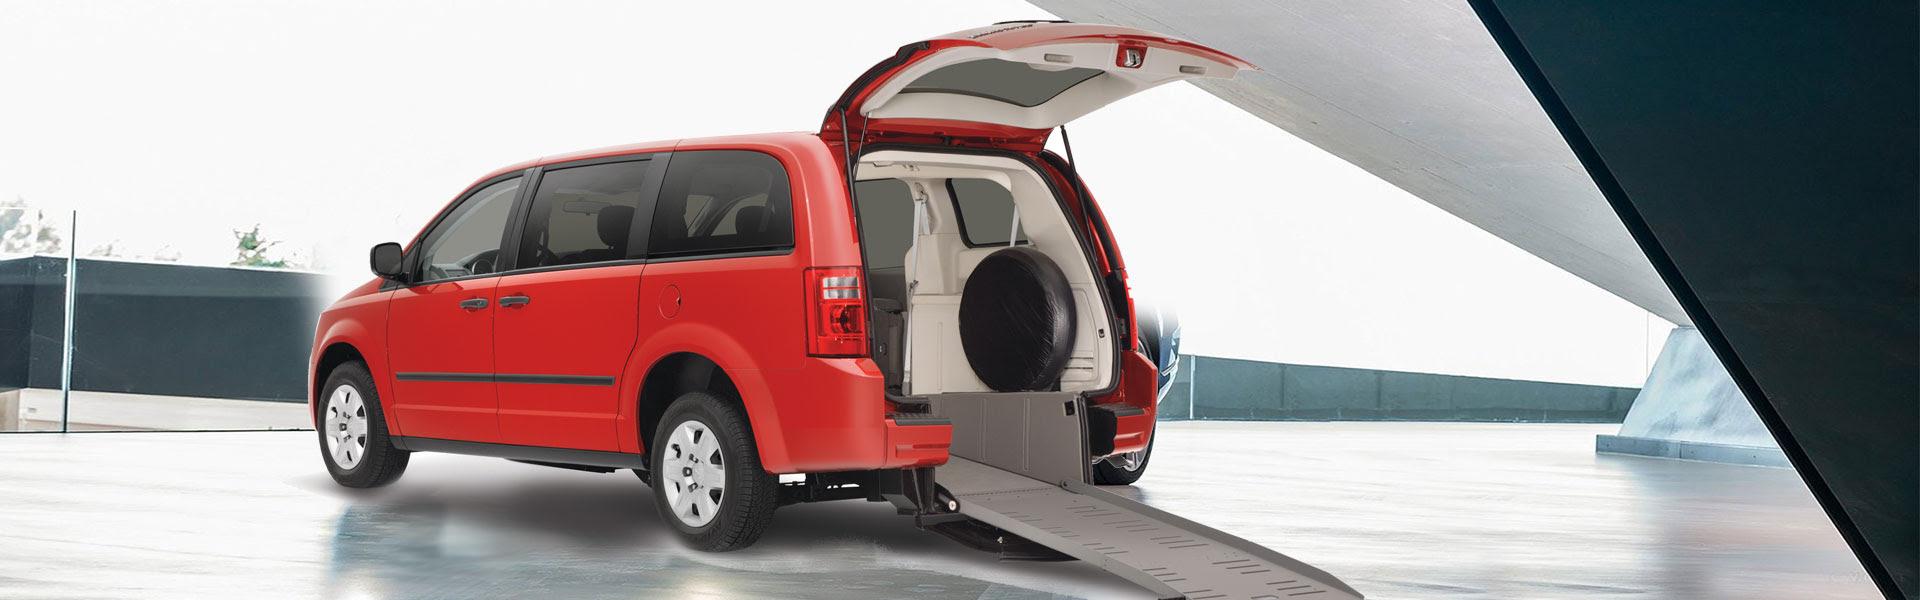 Handicap Vans For Sale 1800308 2503